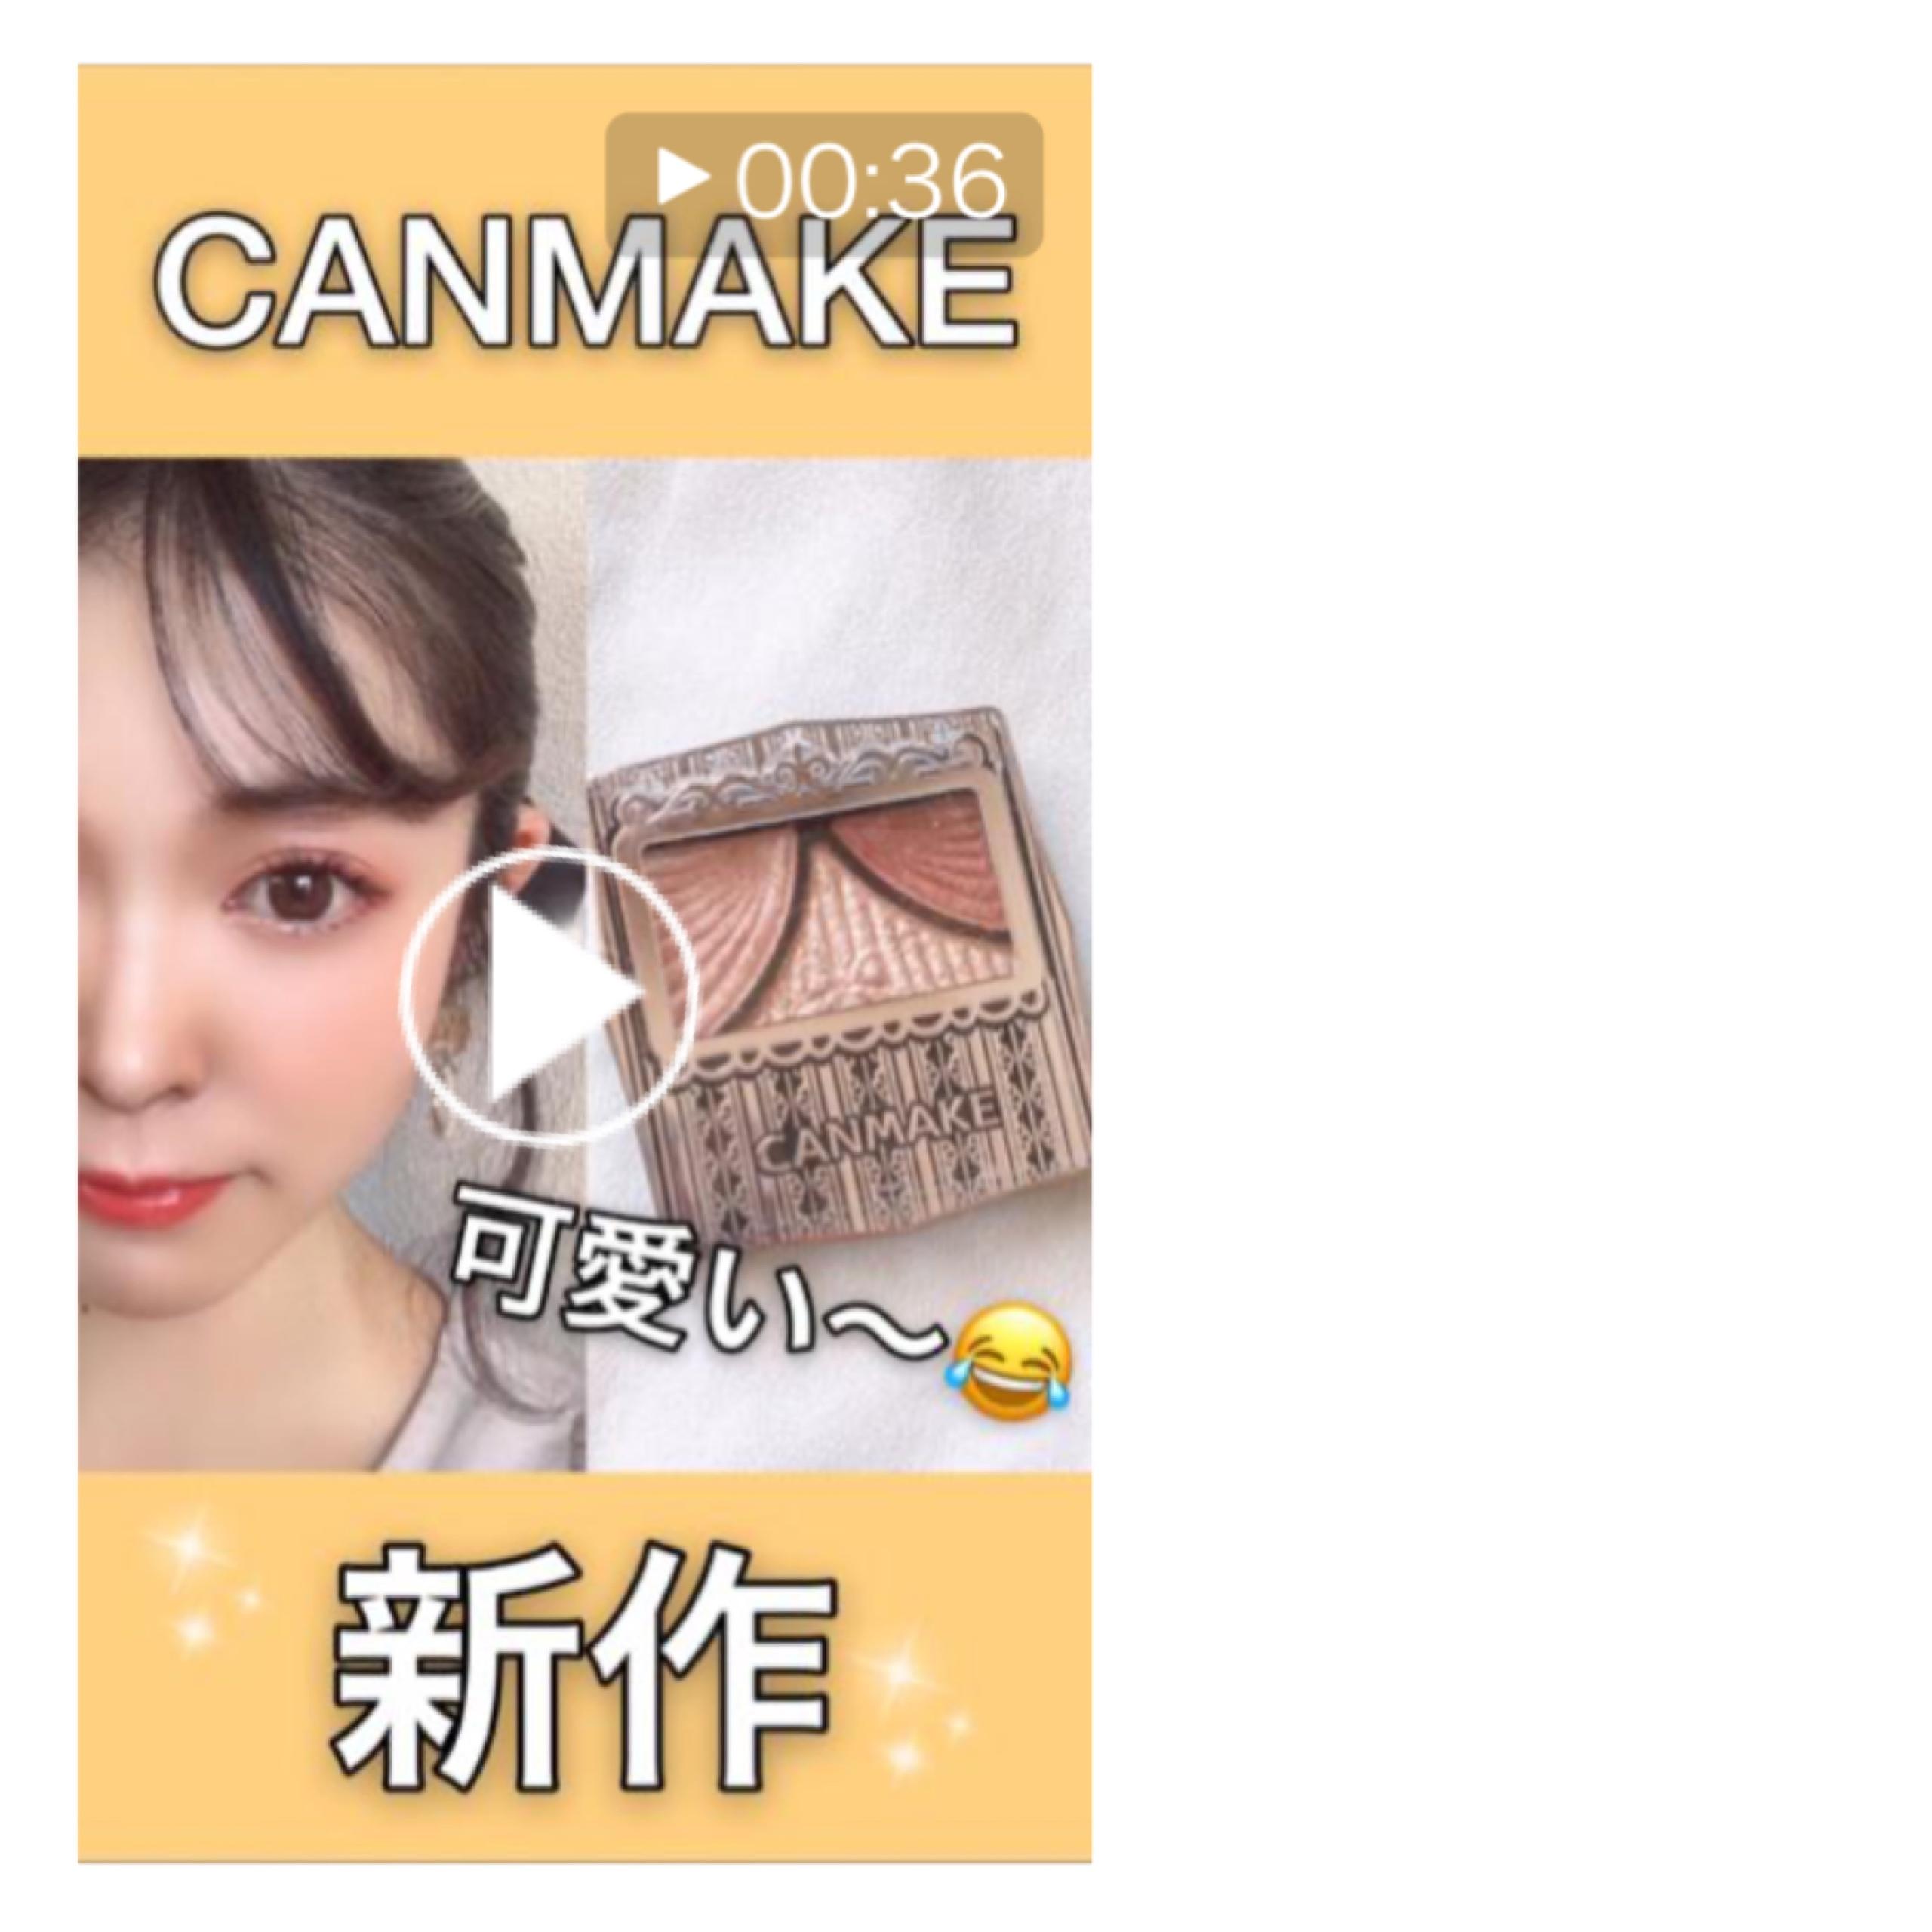 【コスパ神】CANMAKEの新作が可愛すぎる!_1_3